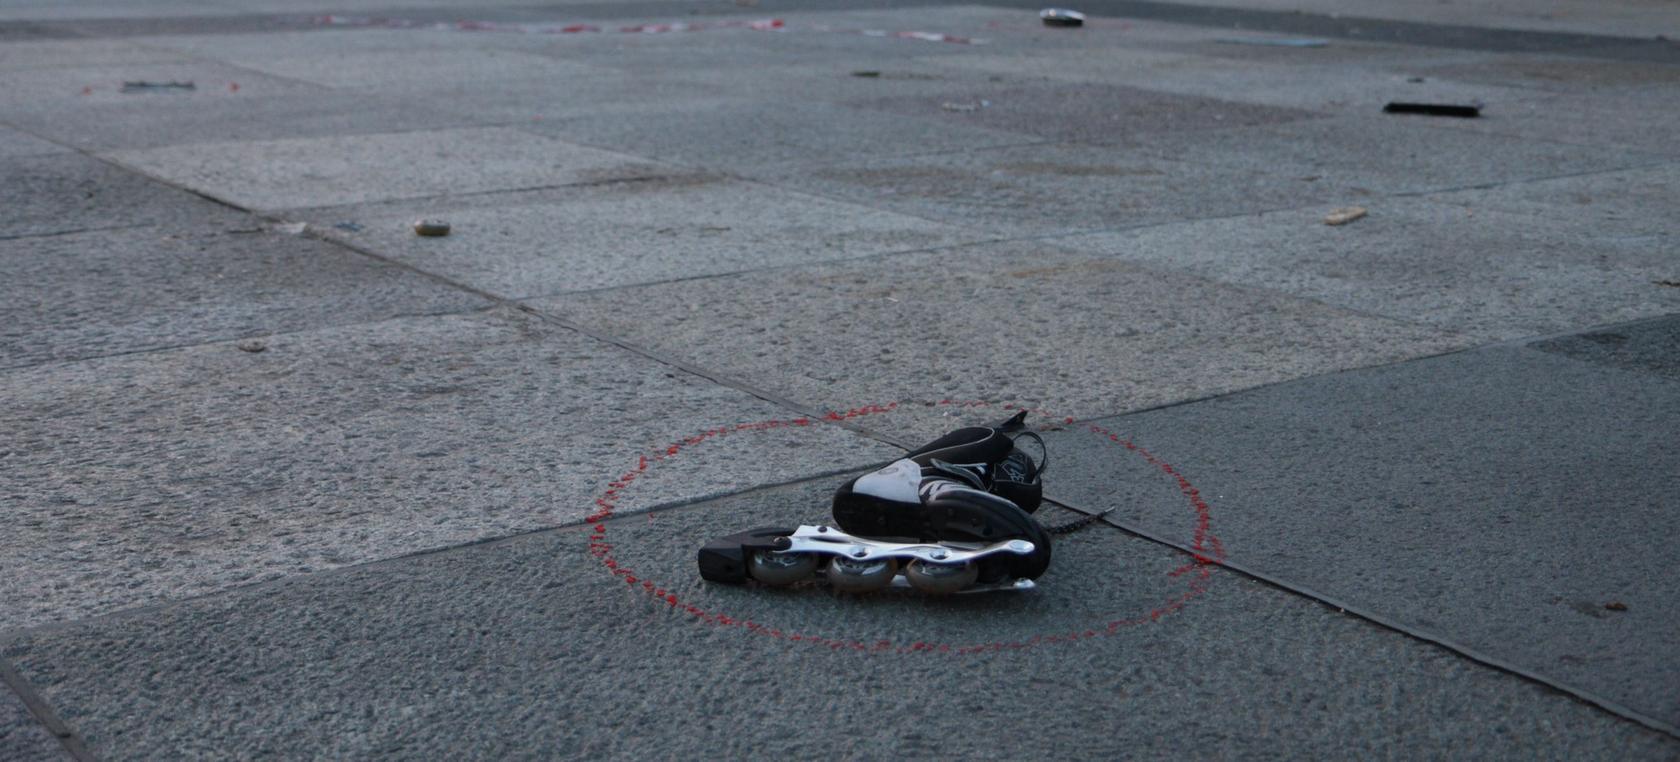 Die 18-Jährige erlag am Unfallort ihren Verletzungen.